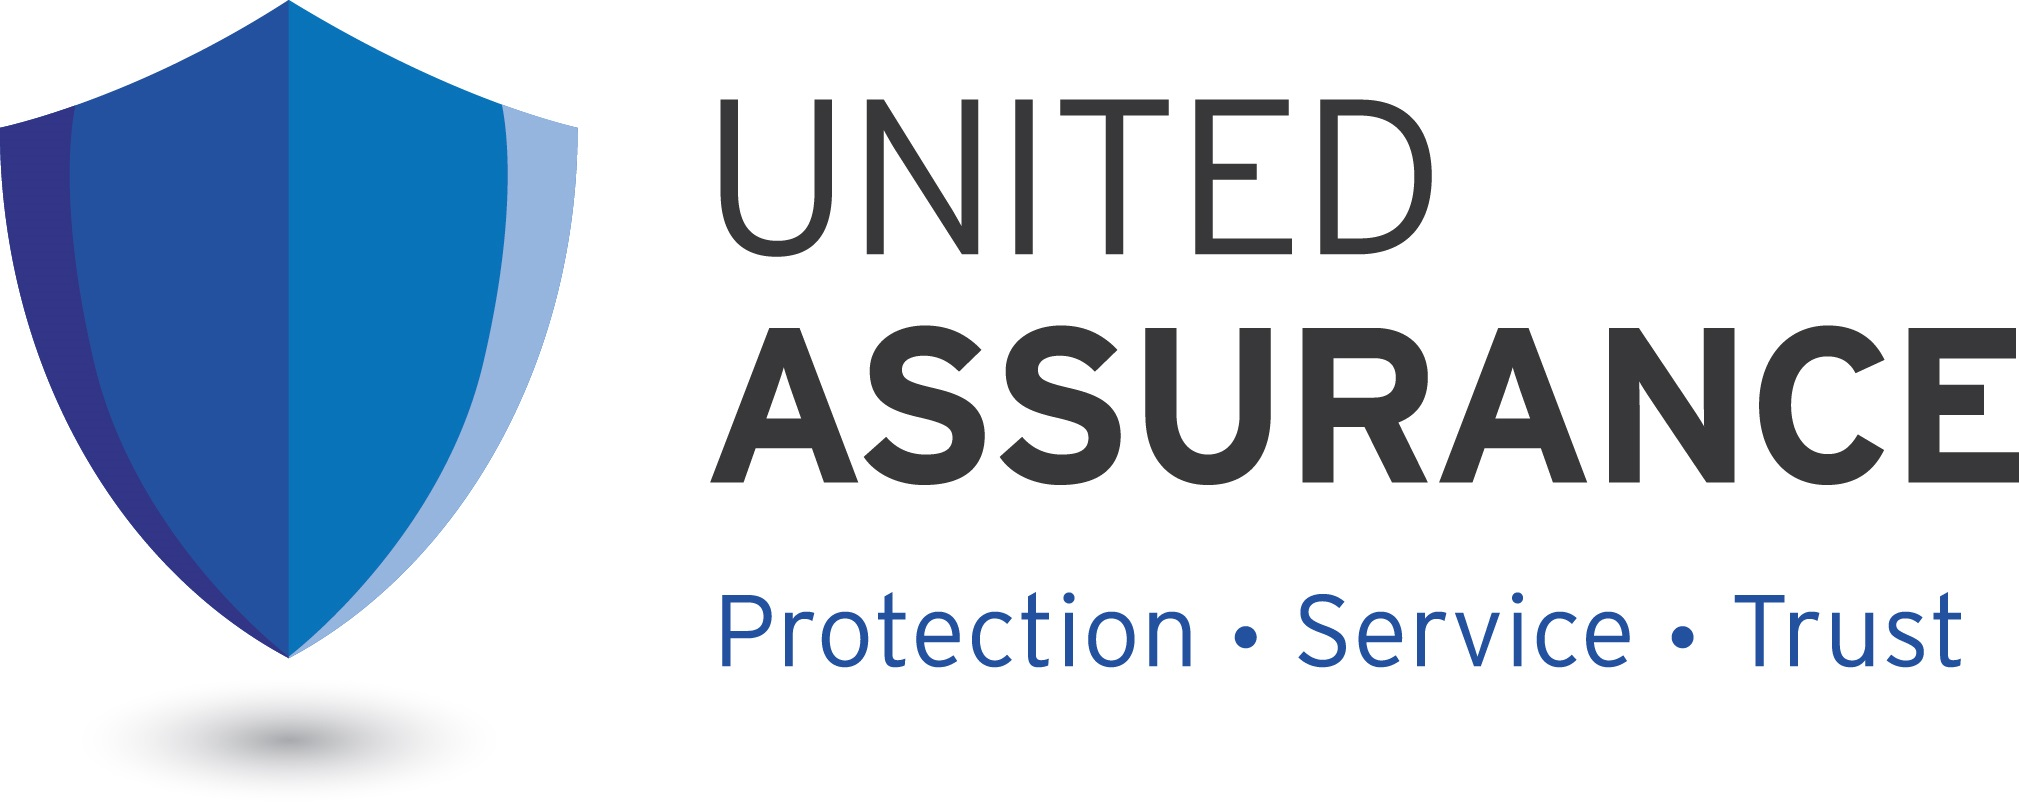 United Assurance Inc